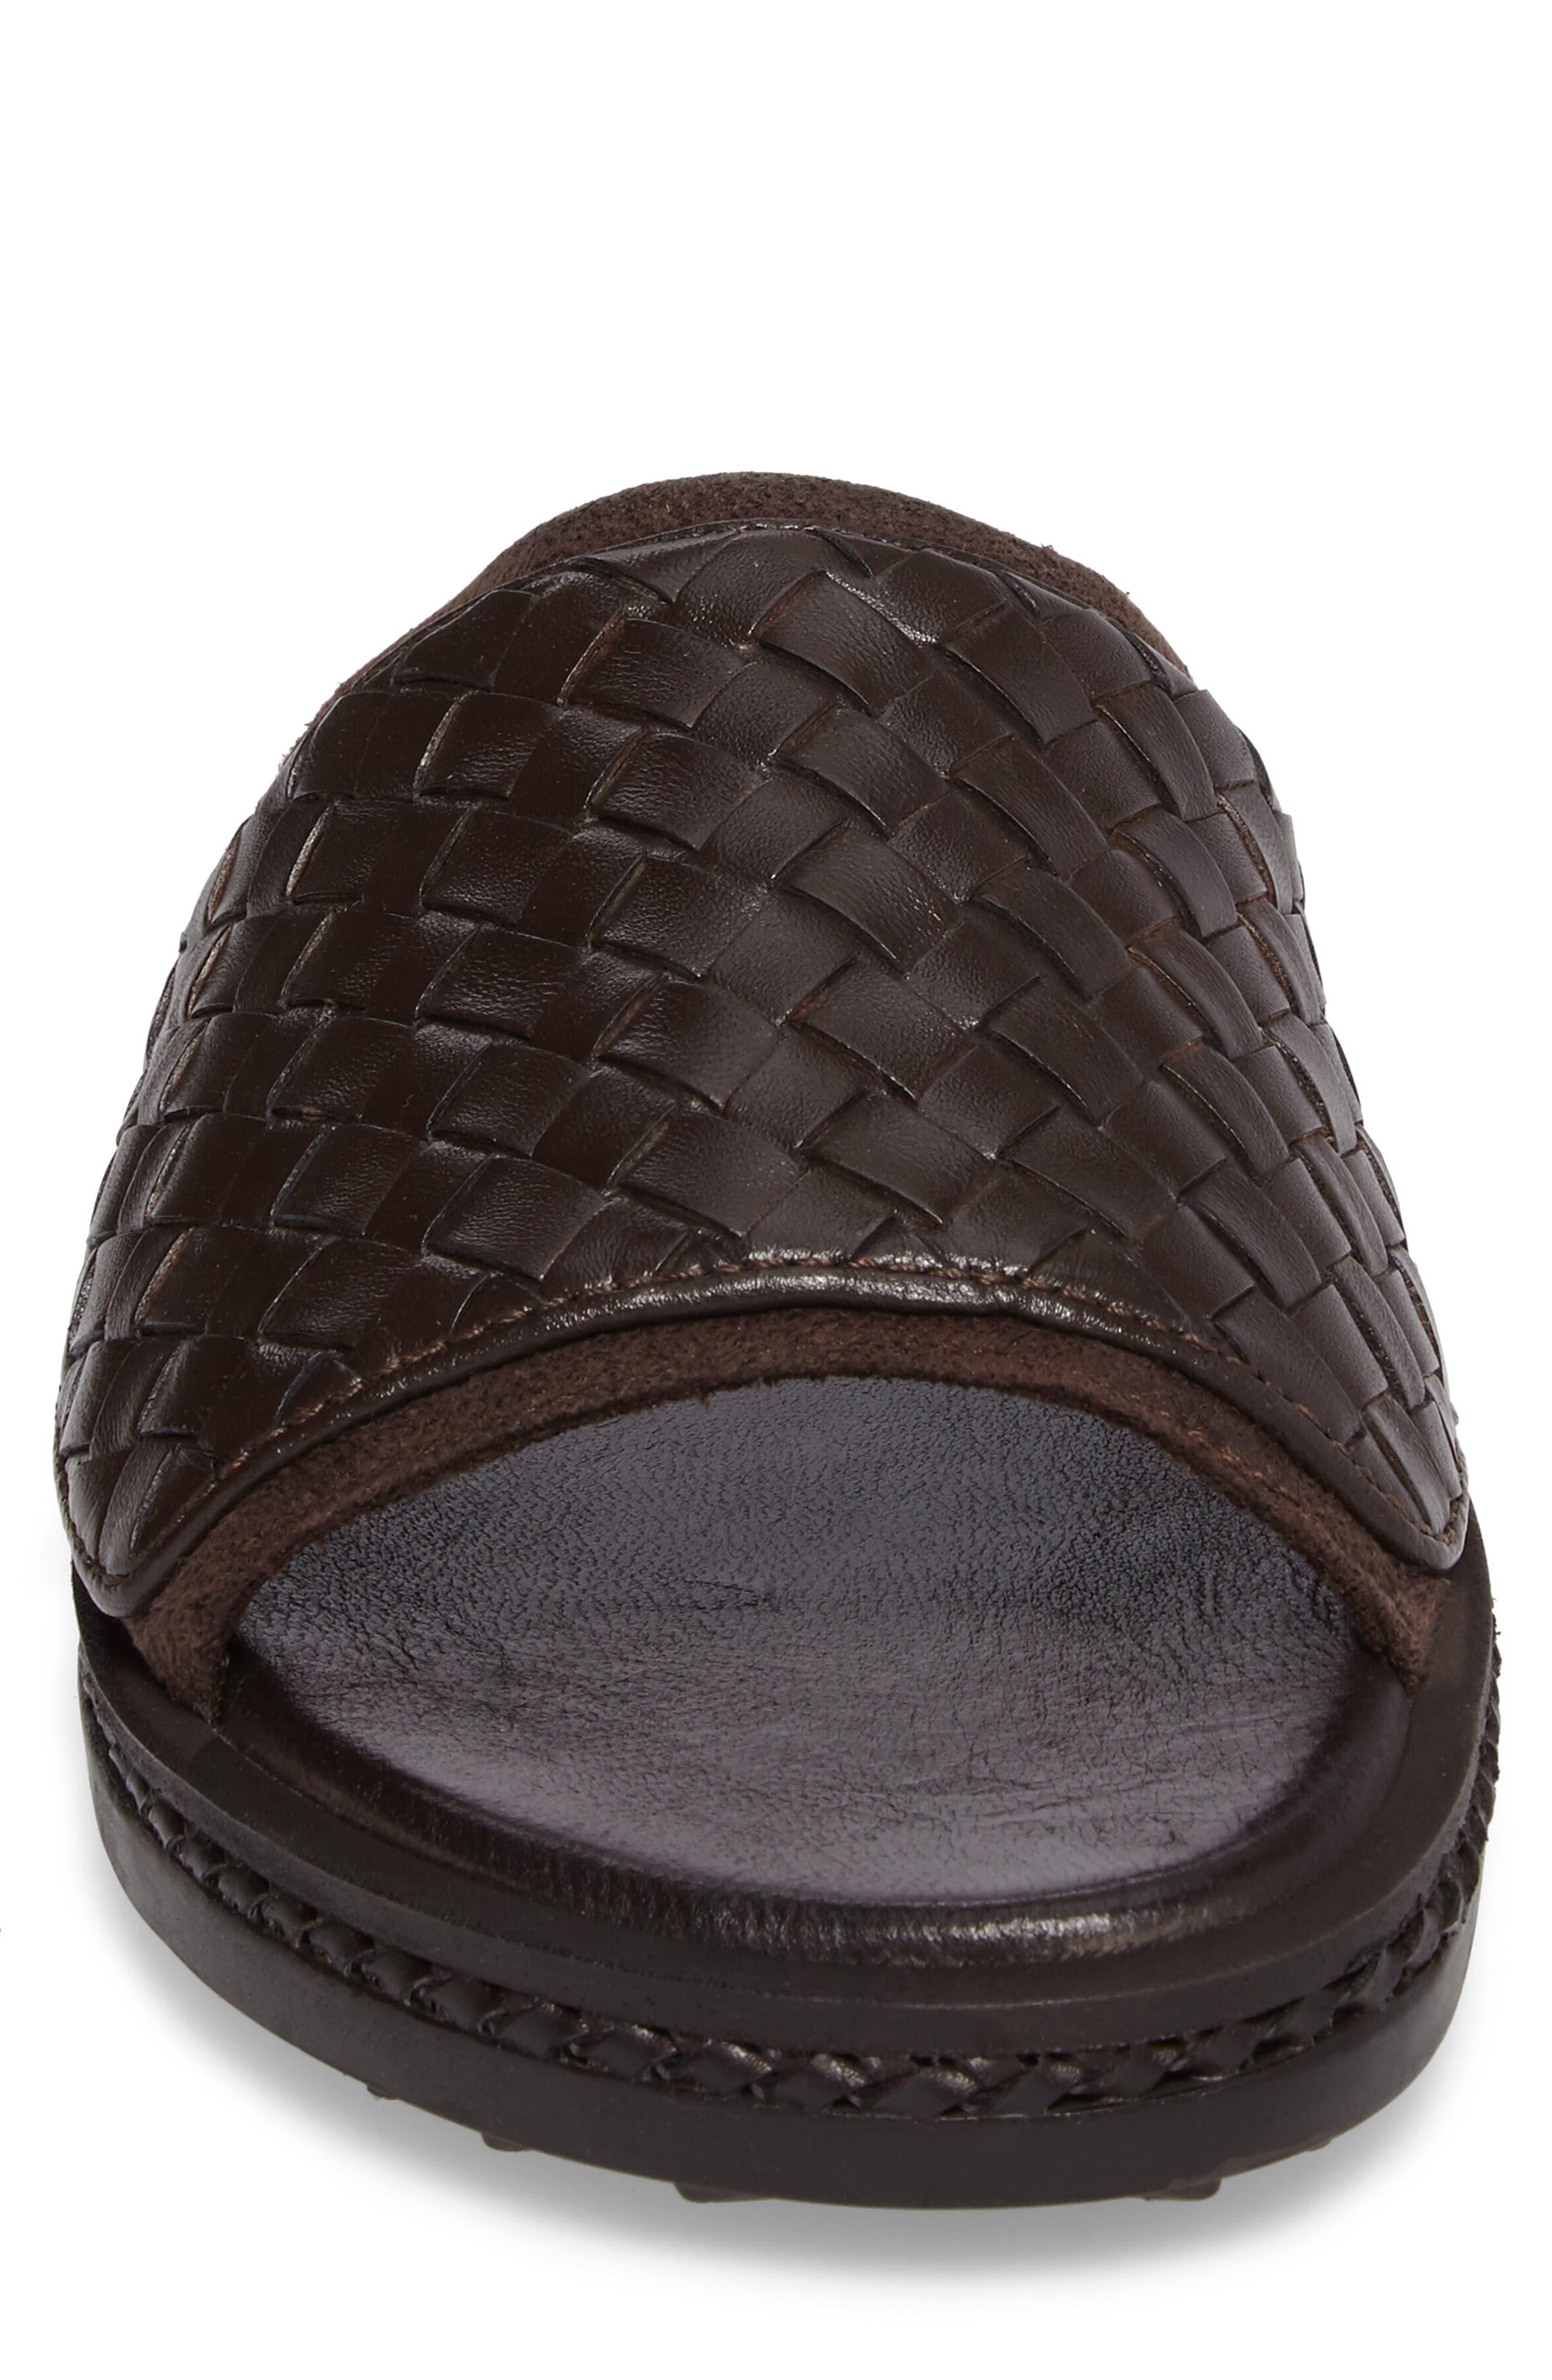 Shore Crest Woven Slide Sandal,                             Alternate thumbnail 8, color,